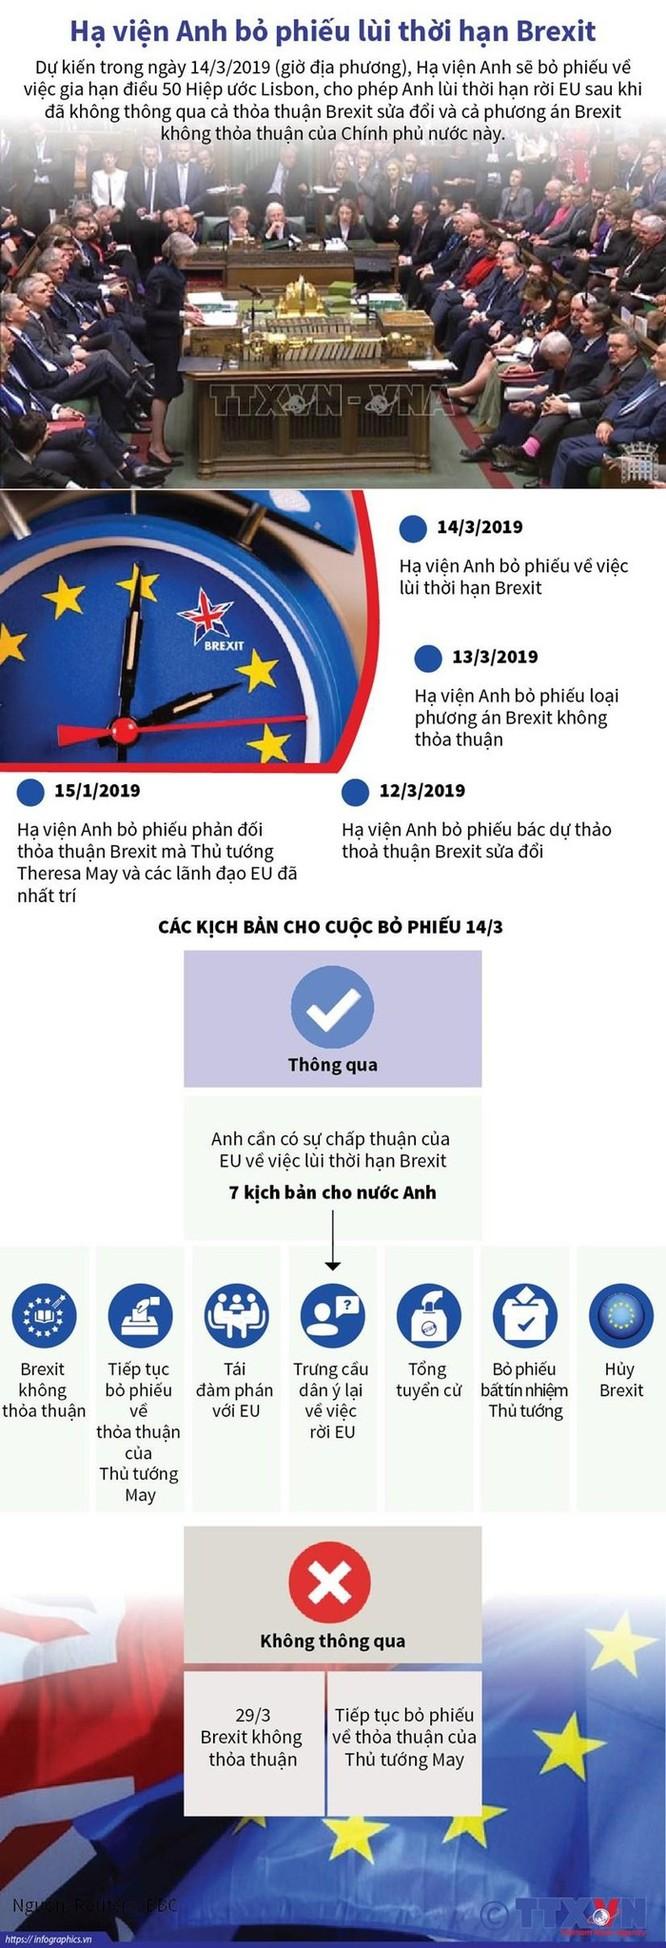 Hạ viện Anh bỏ phiếu lùi thời hạn thỏa thuận Brexit ảnh 1